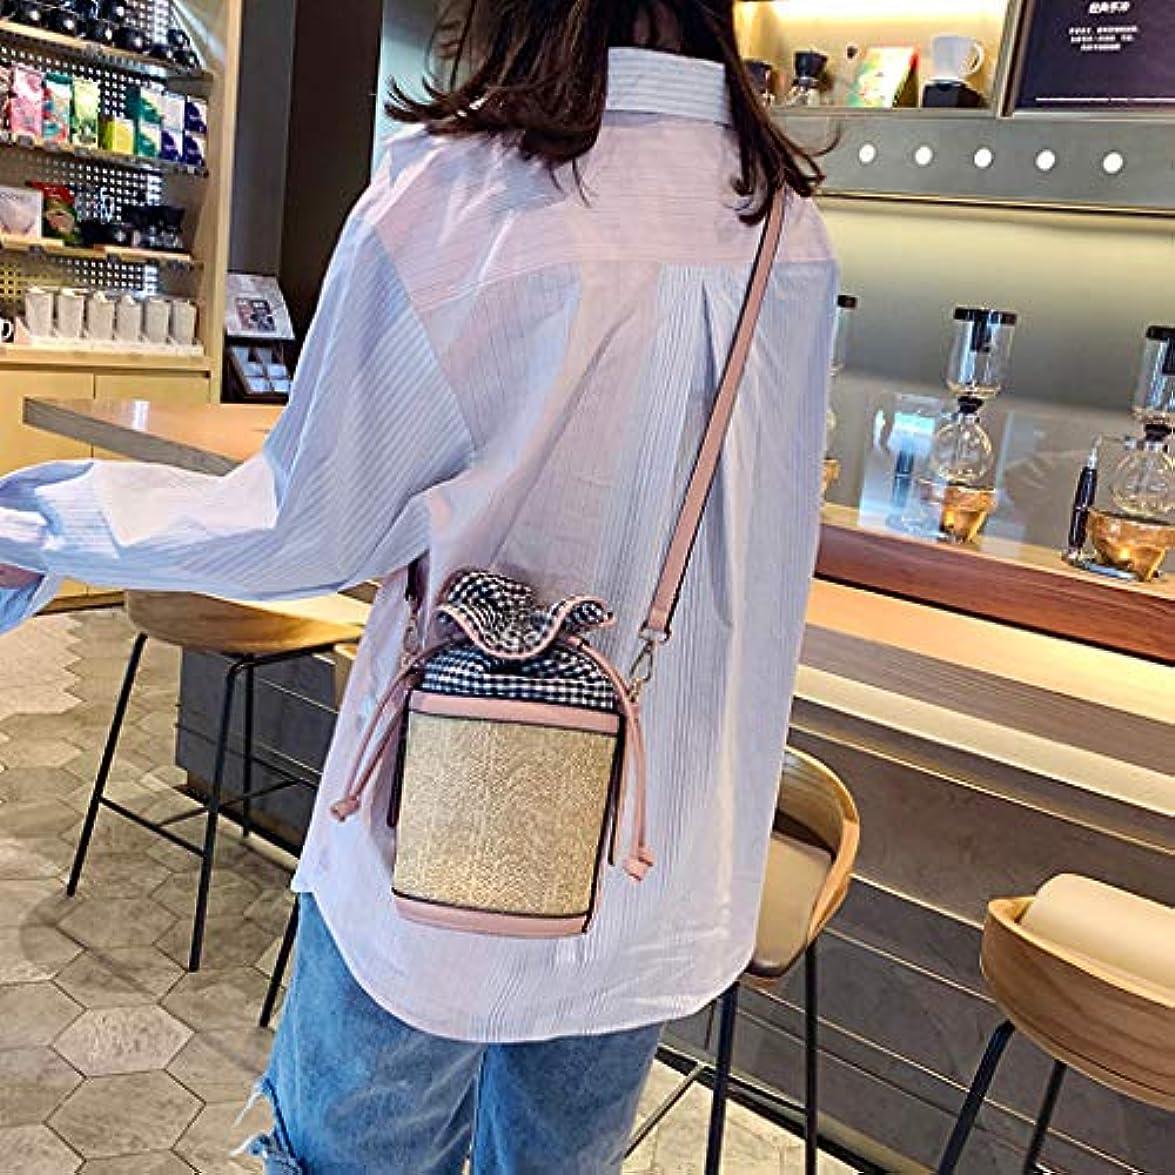 ウィンク是正ホバートファッション女性レトロ織り格子革バケットバッグクロスボディバッグショルダーバッグ、女性のヴィンテージ織格子縞ステッチバケットバッグ斜めバッグ (ピンク)